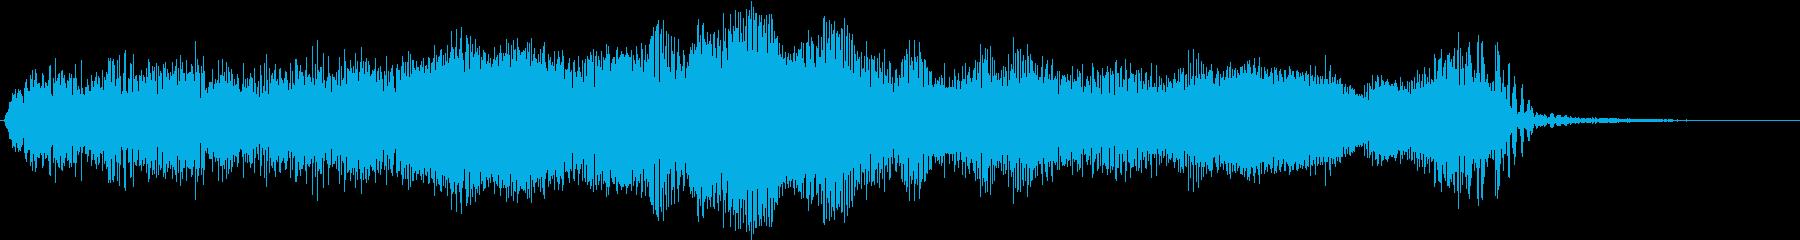 SF メカ 動作 ブーンッ・・・の再生済みの波形